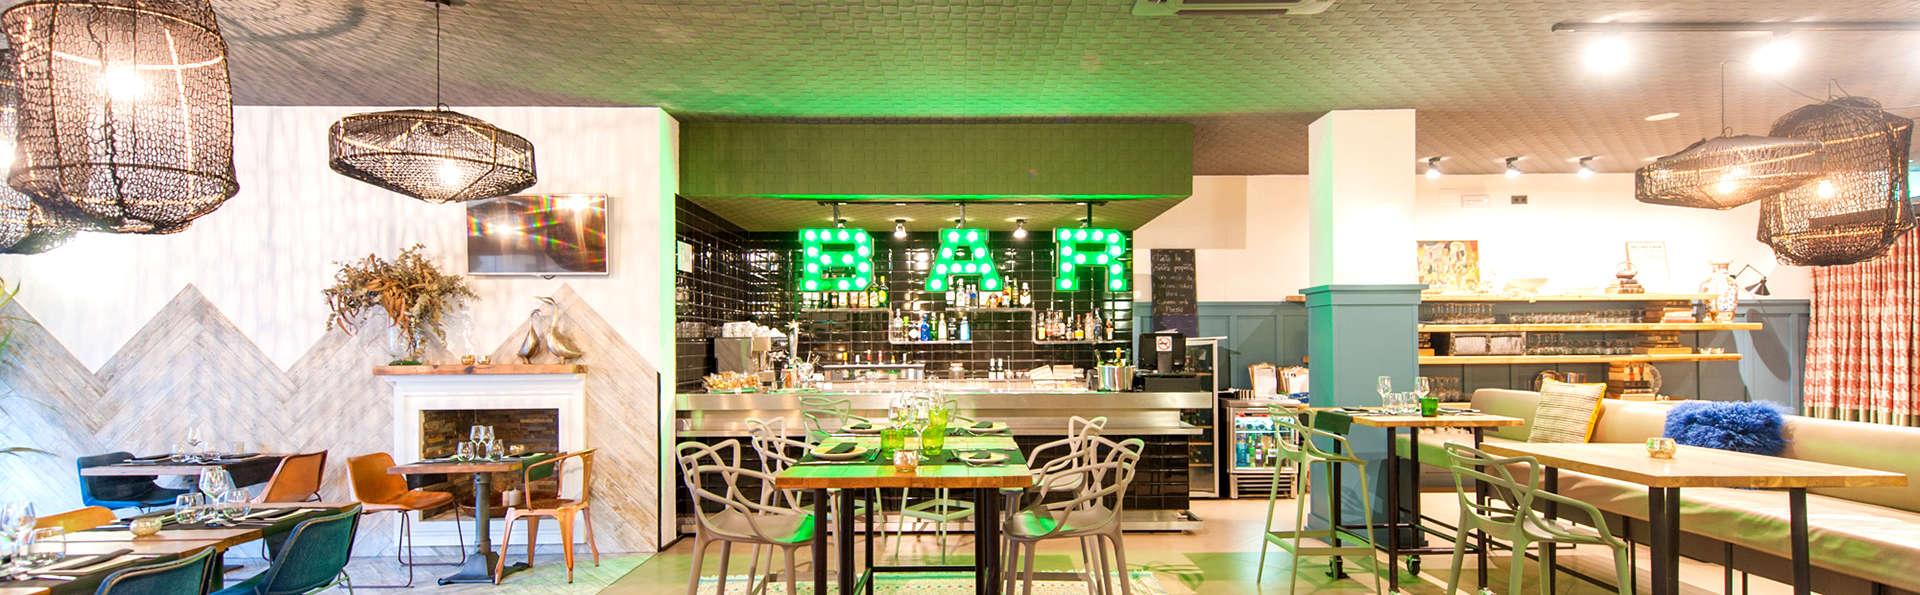 Hôtel au style vintage et industriel avec cocktail en plein cœur de Mataró (à partir de 2 nuits)